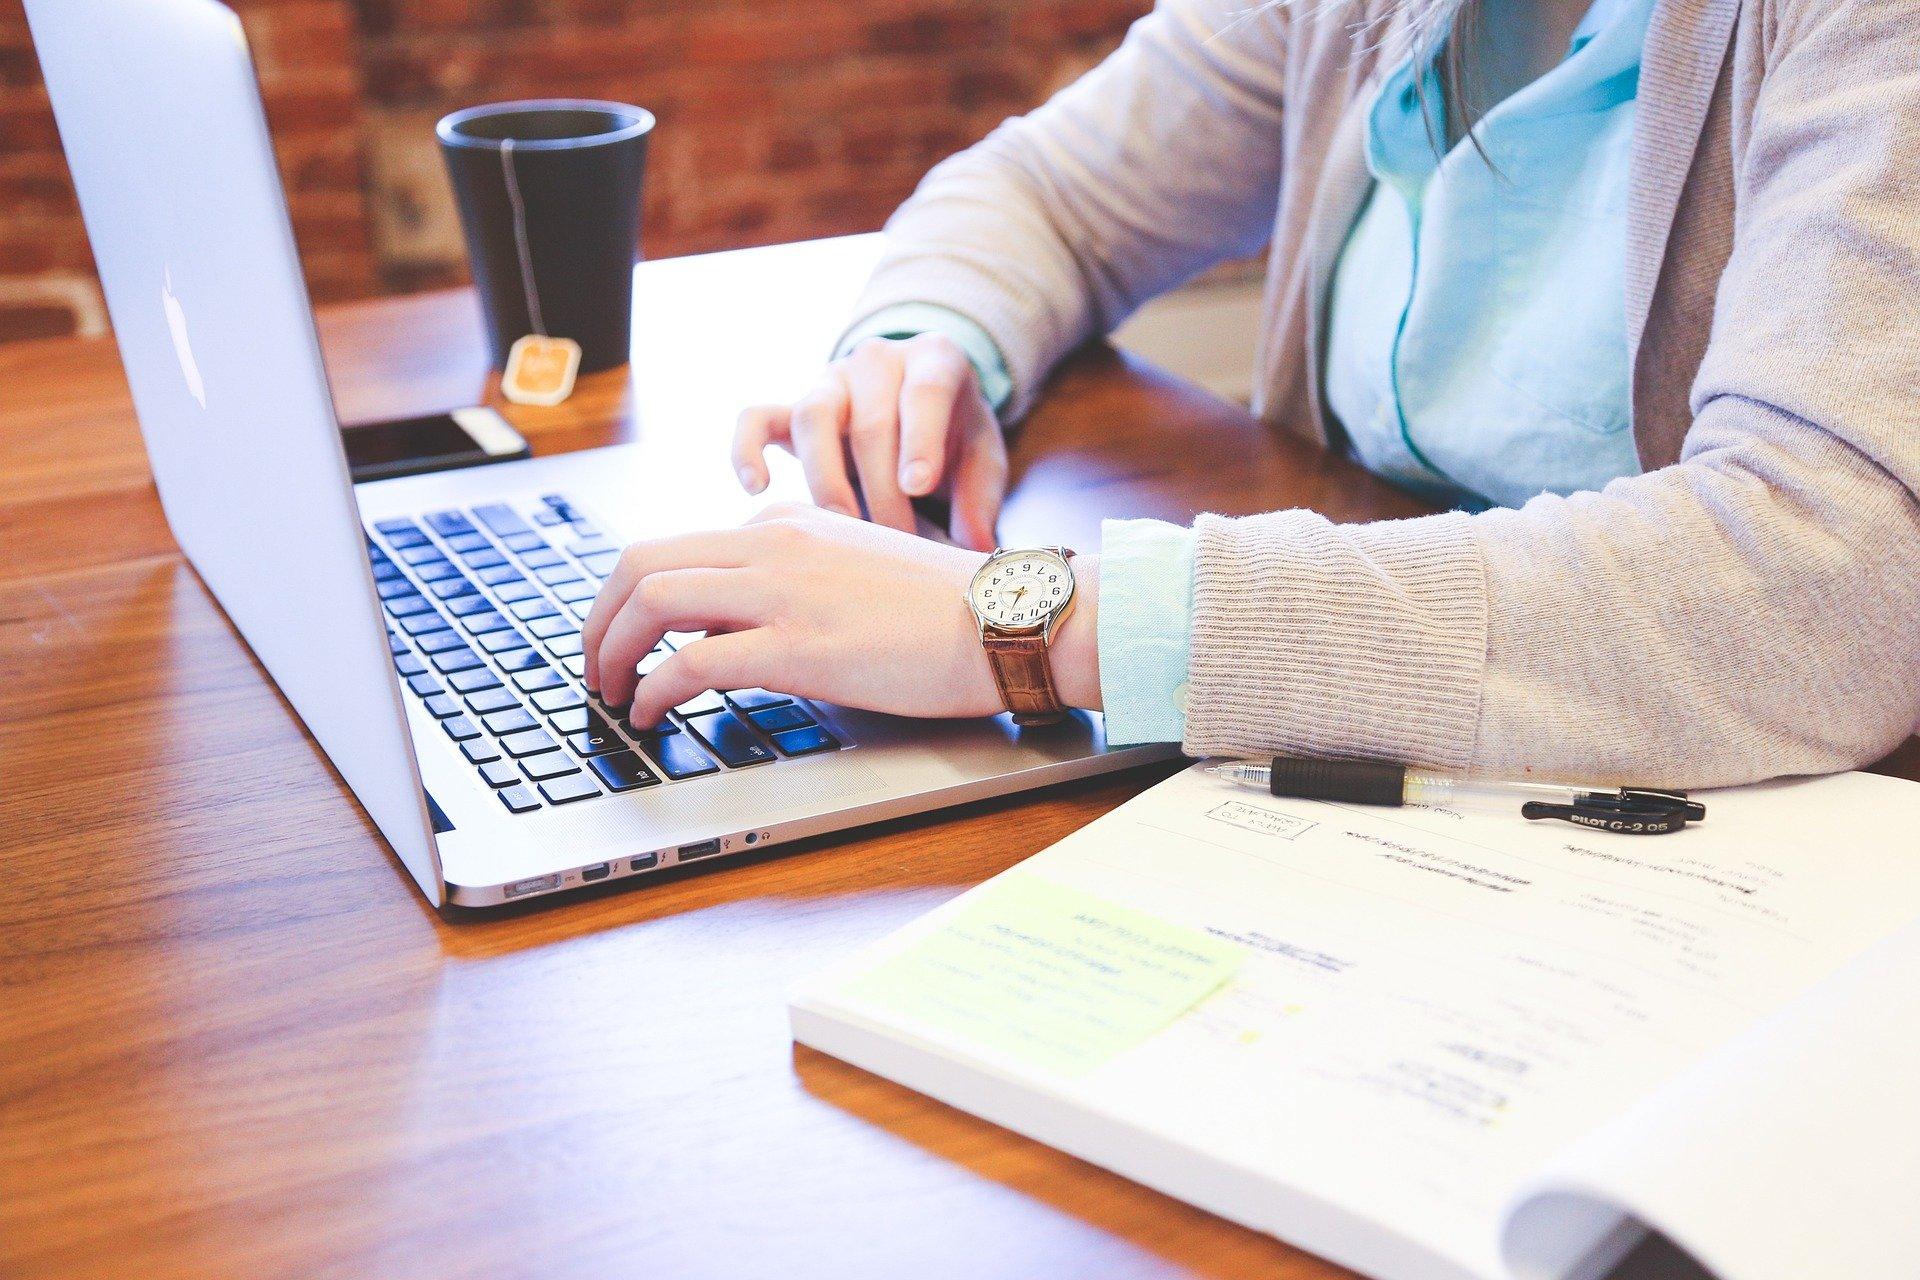 Топовые интернет-профессии для тех, кто хочет сменить сферу деятельности